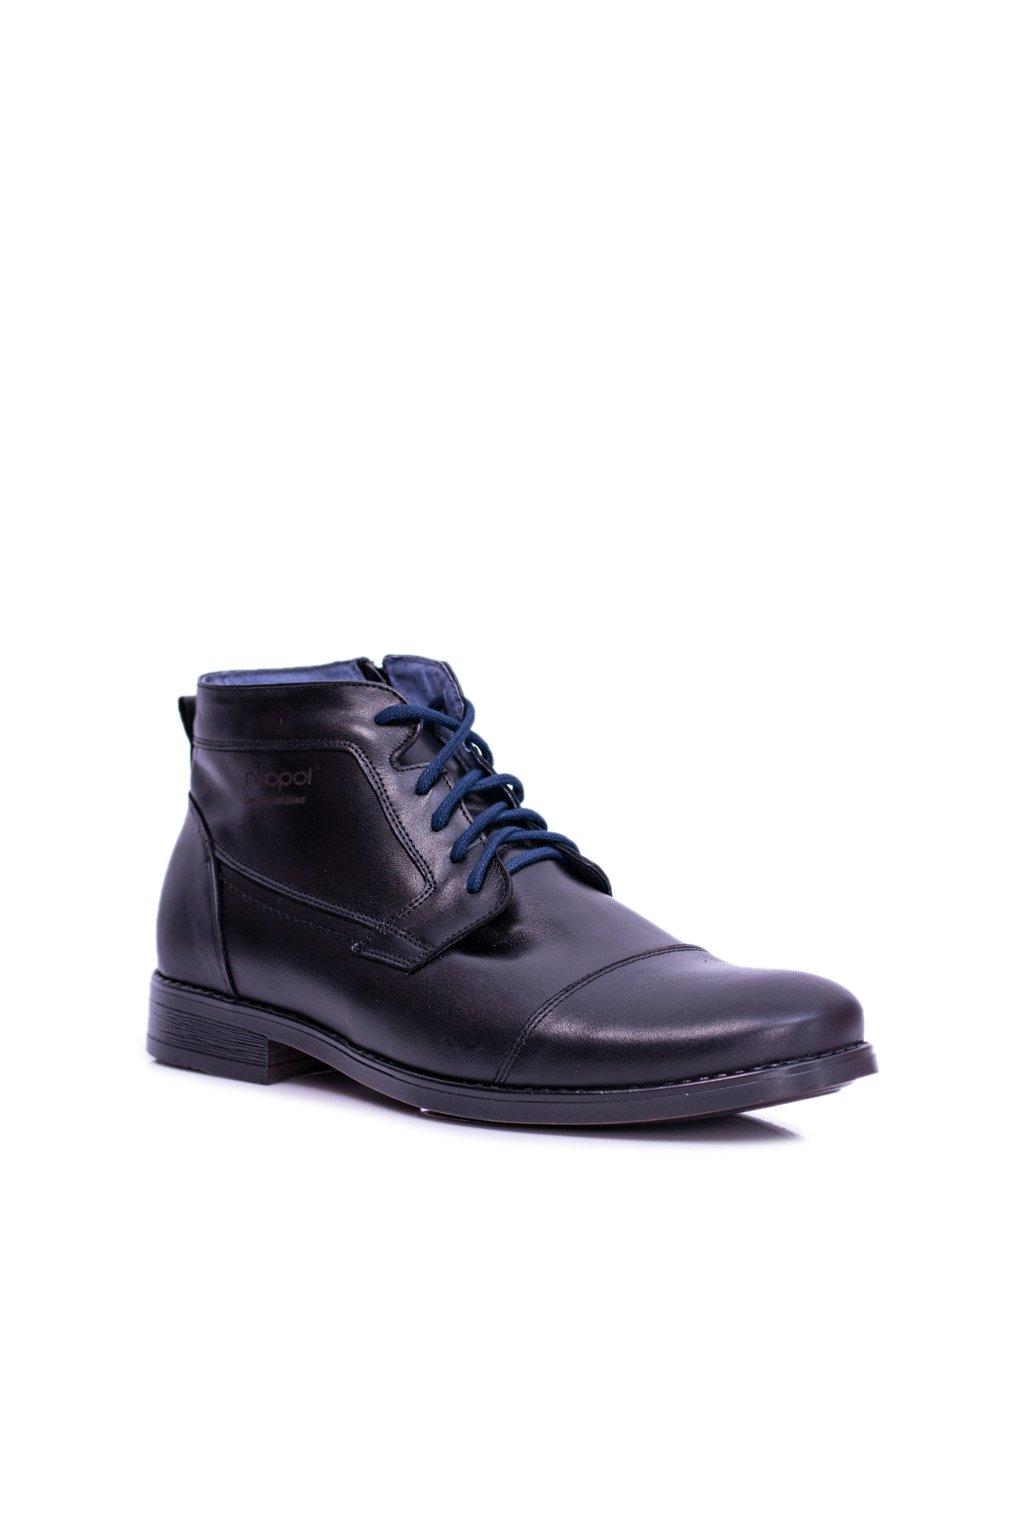 Čierne kožené pánske vysoké topánky so zipsom Gregory